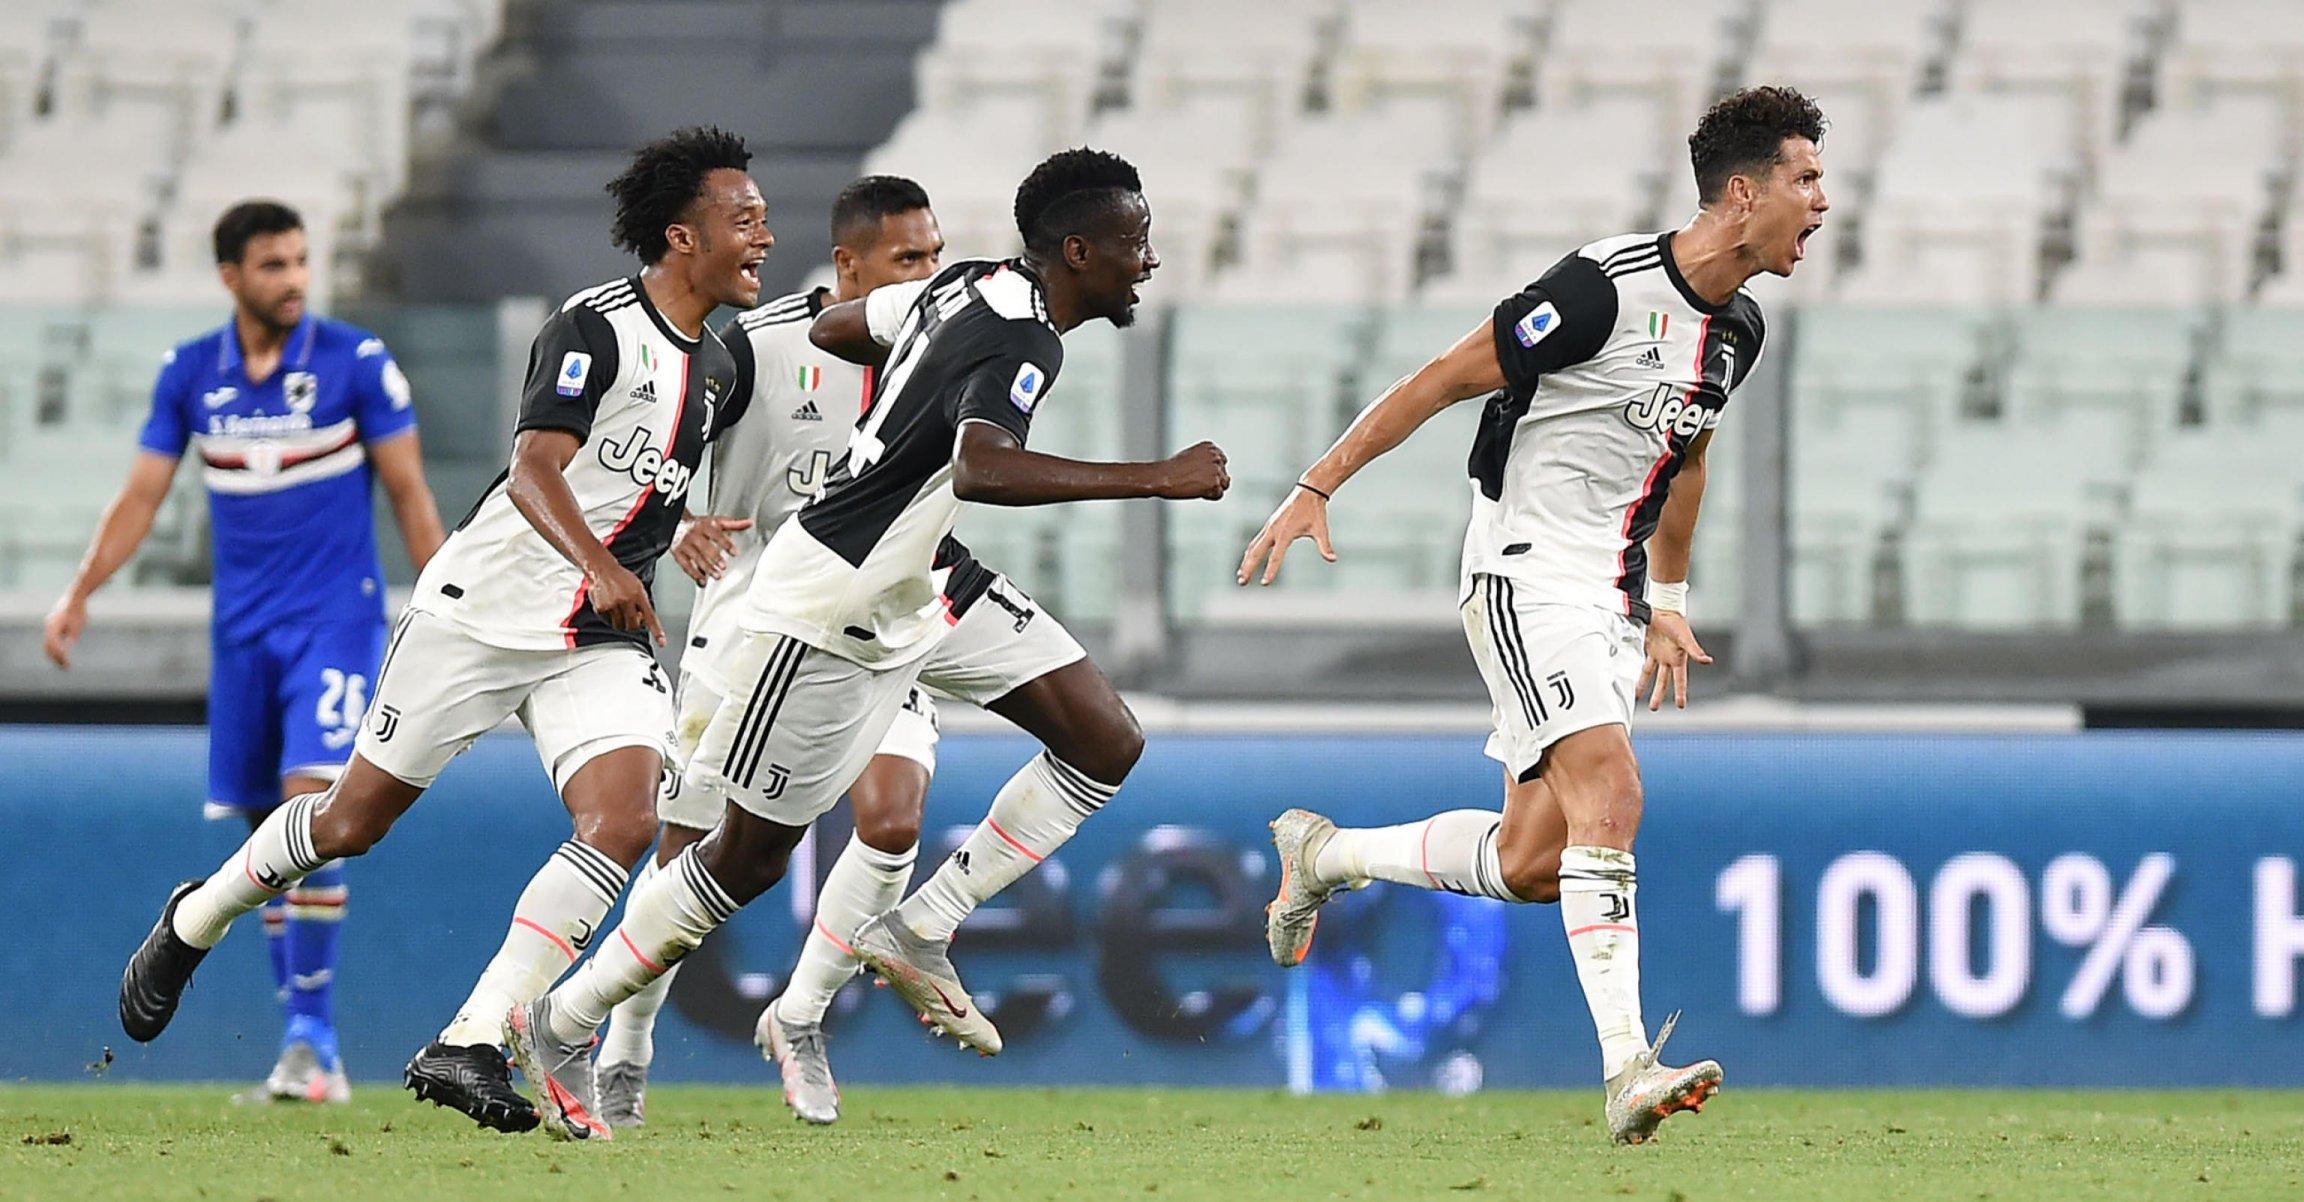 Scudetto Juventus, speciali Sky Sport per rivivere i nove trionfi consecutivi